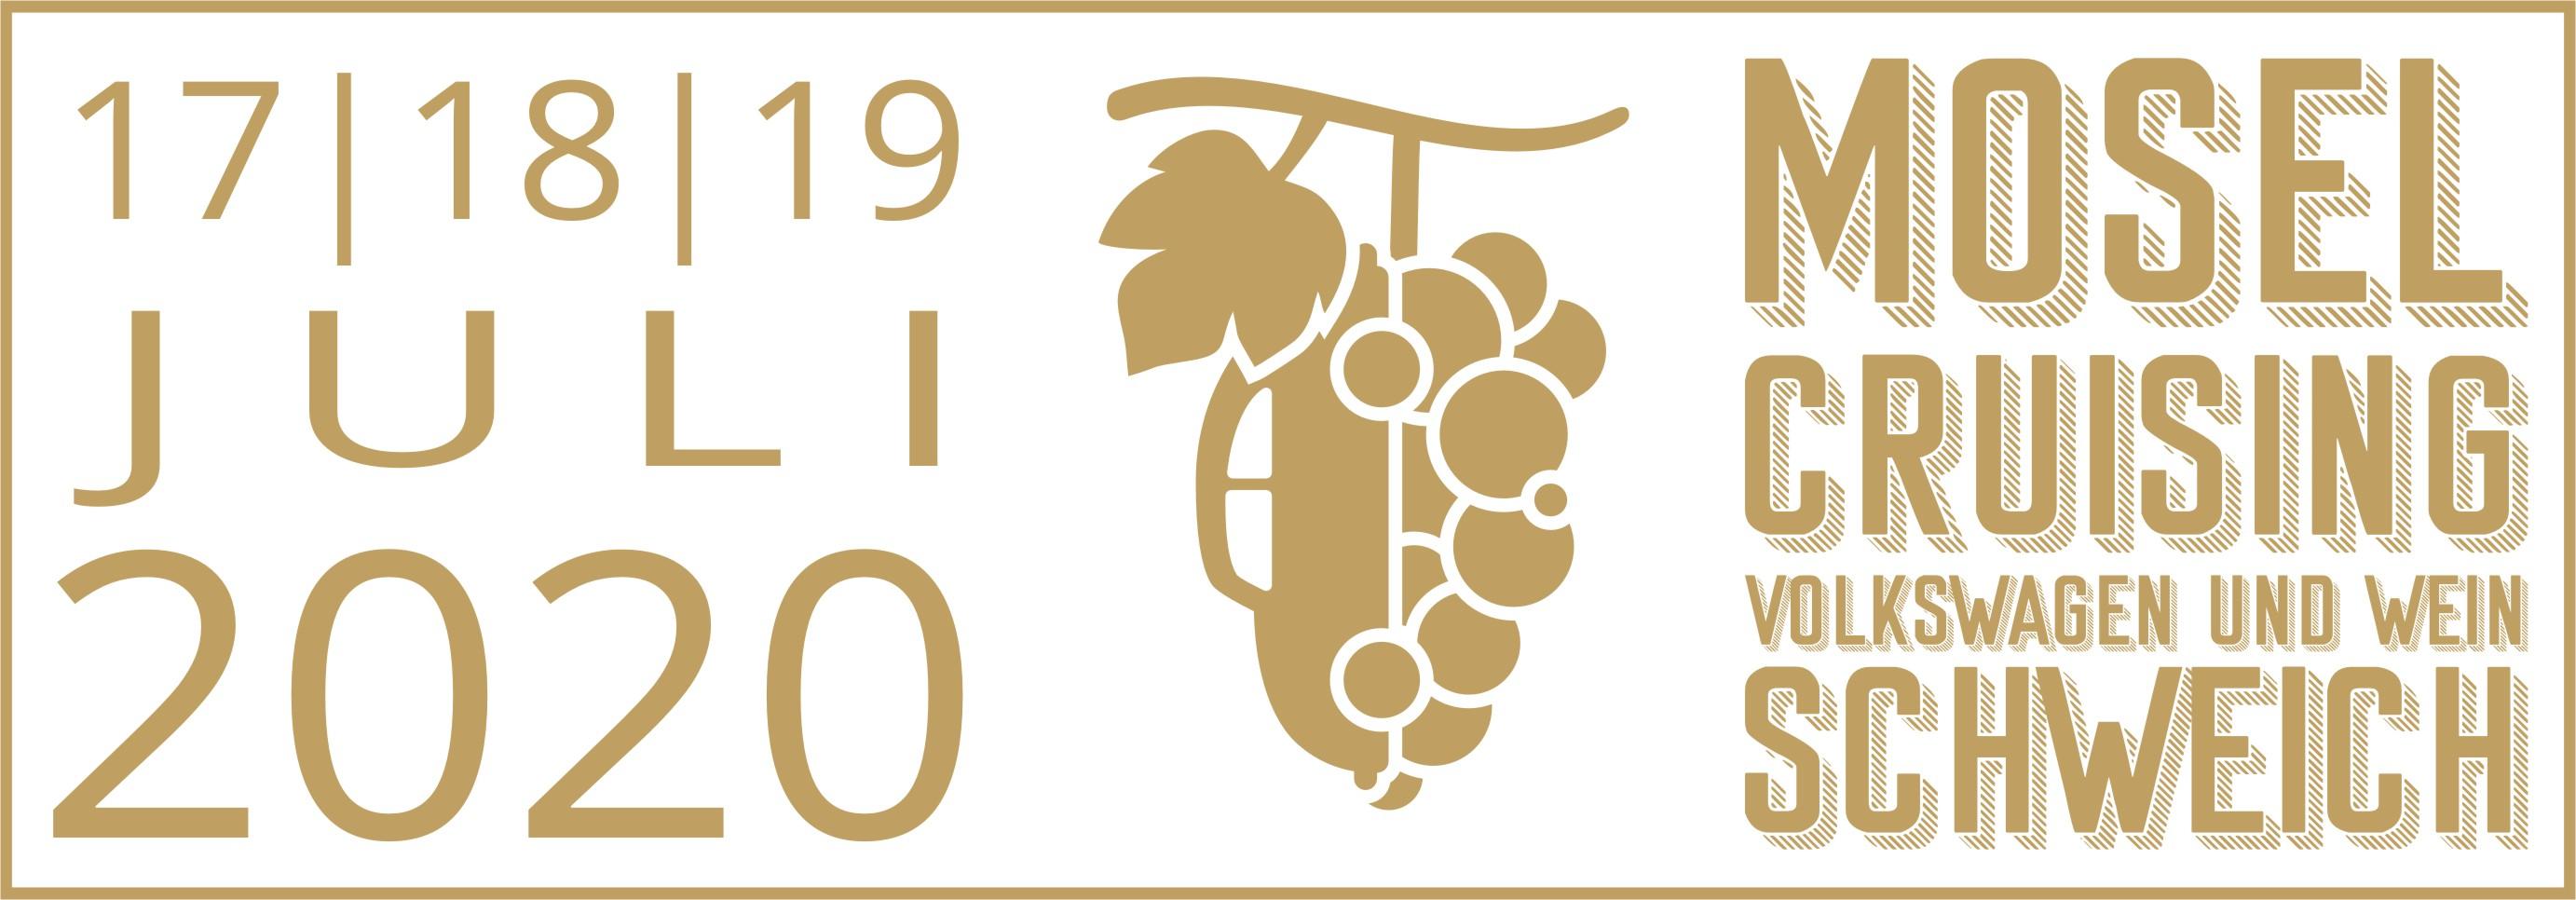 bug2bug.de – Moselcruising #15